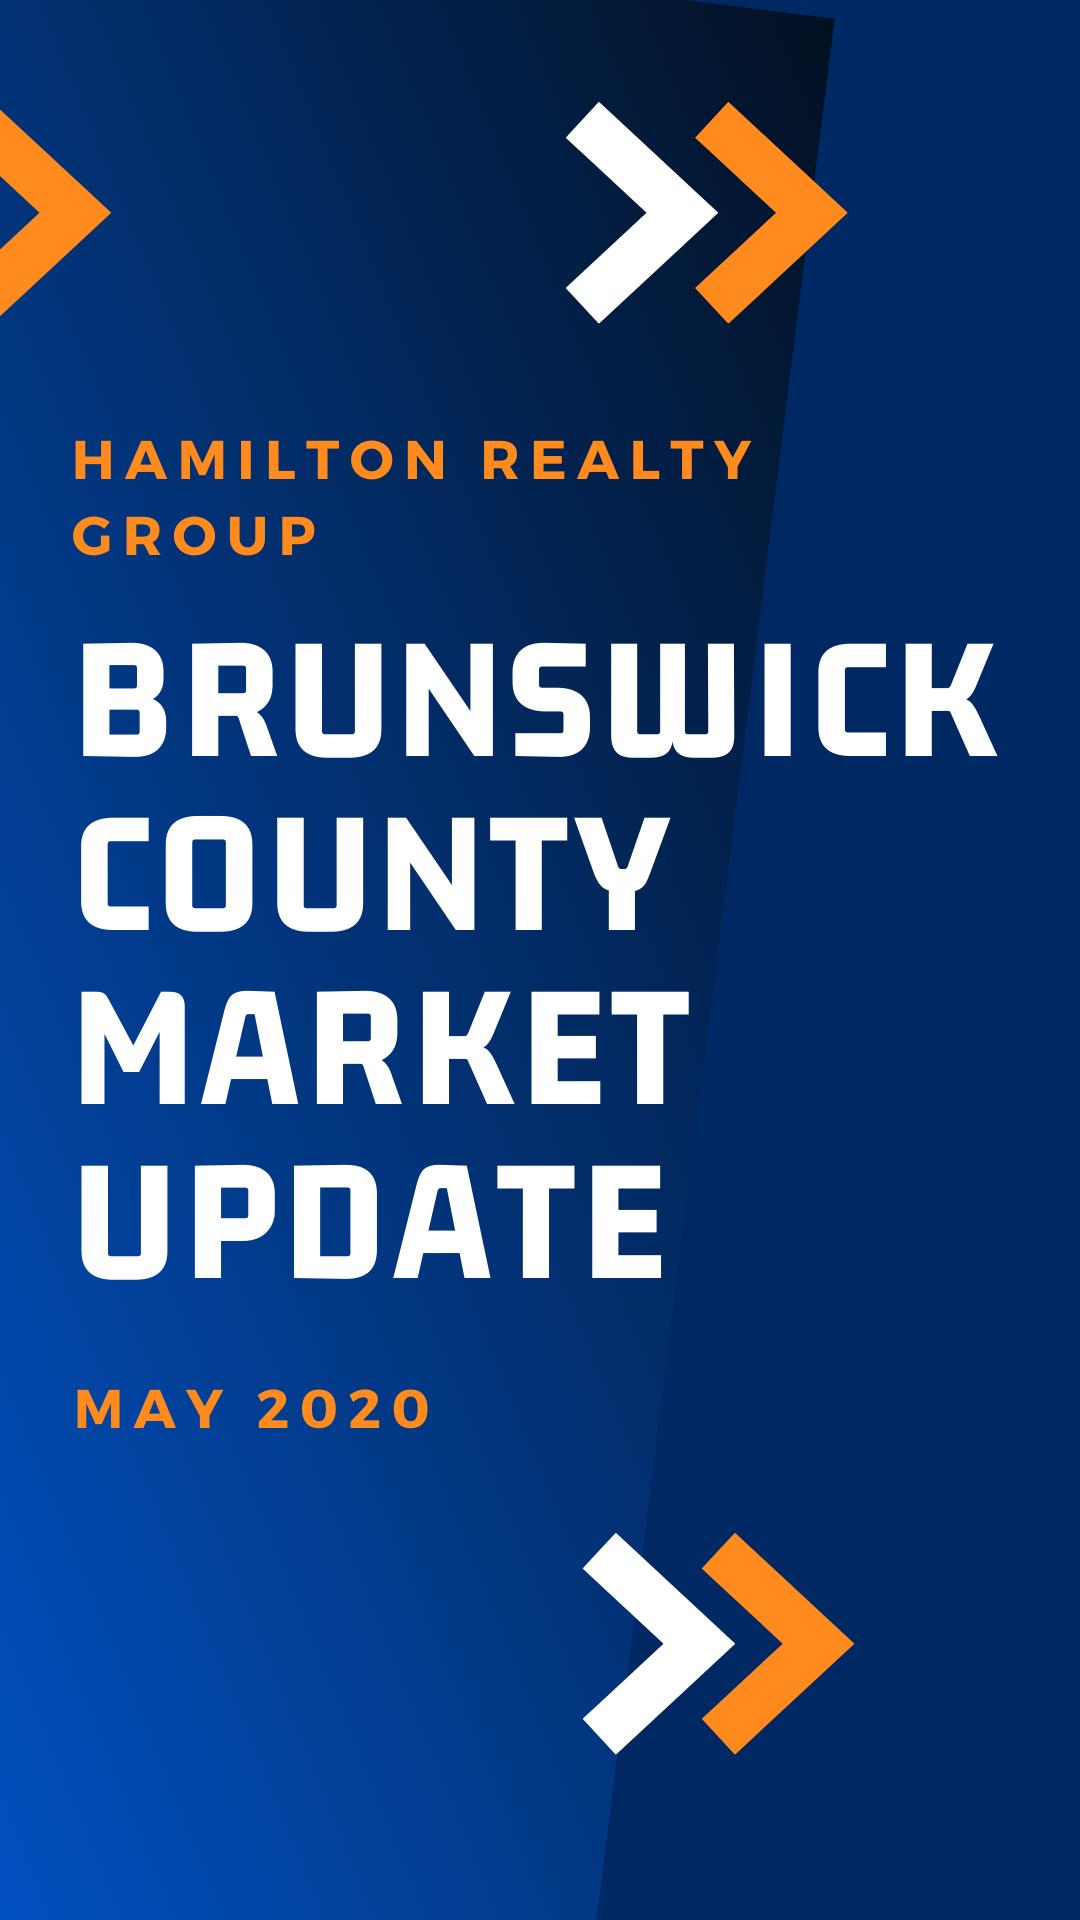 MAY 2020: Brunswick County Market Update